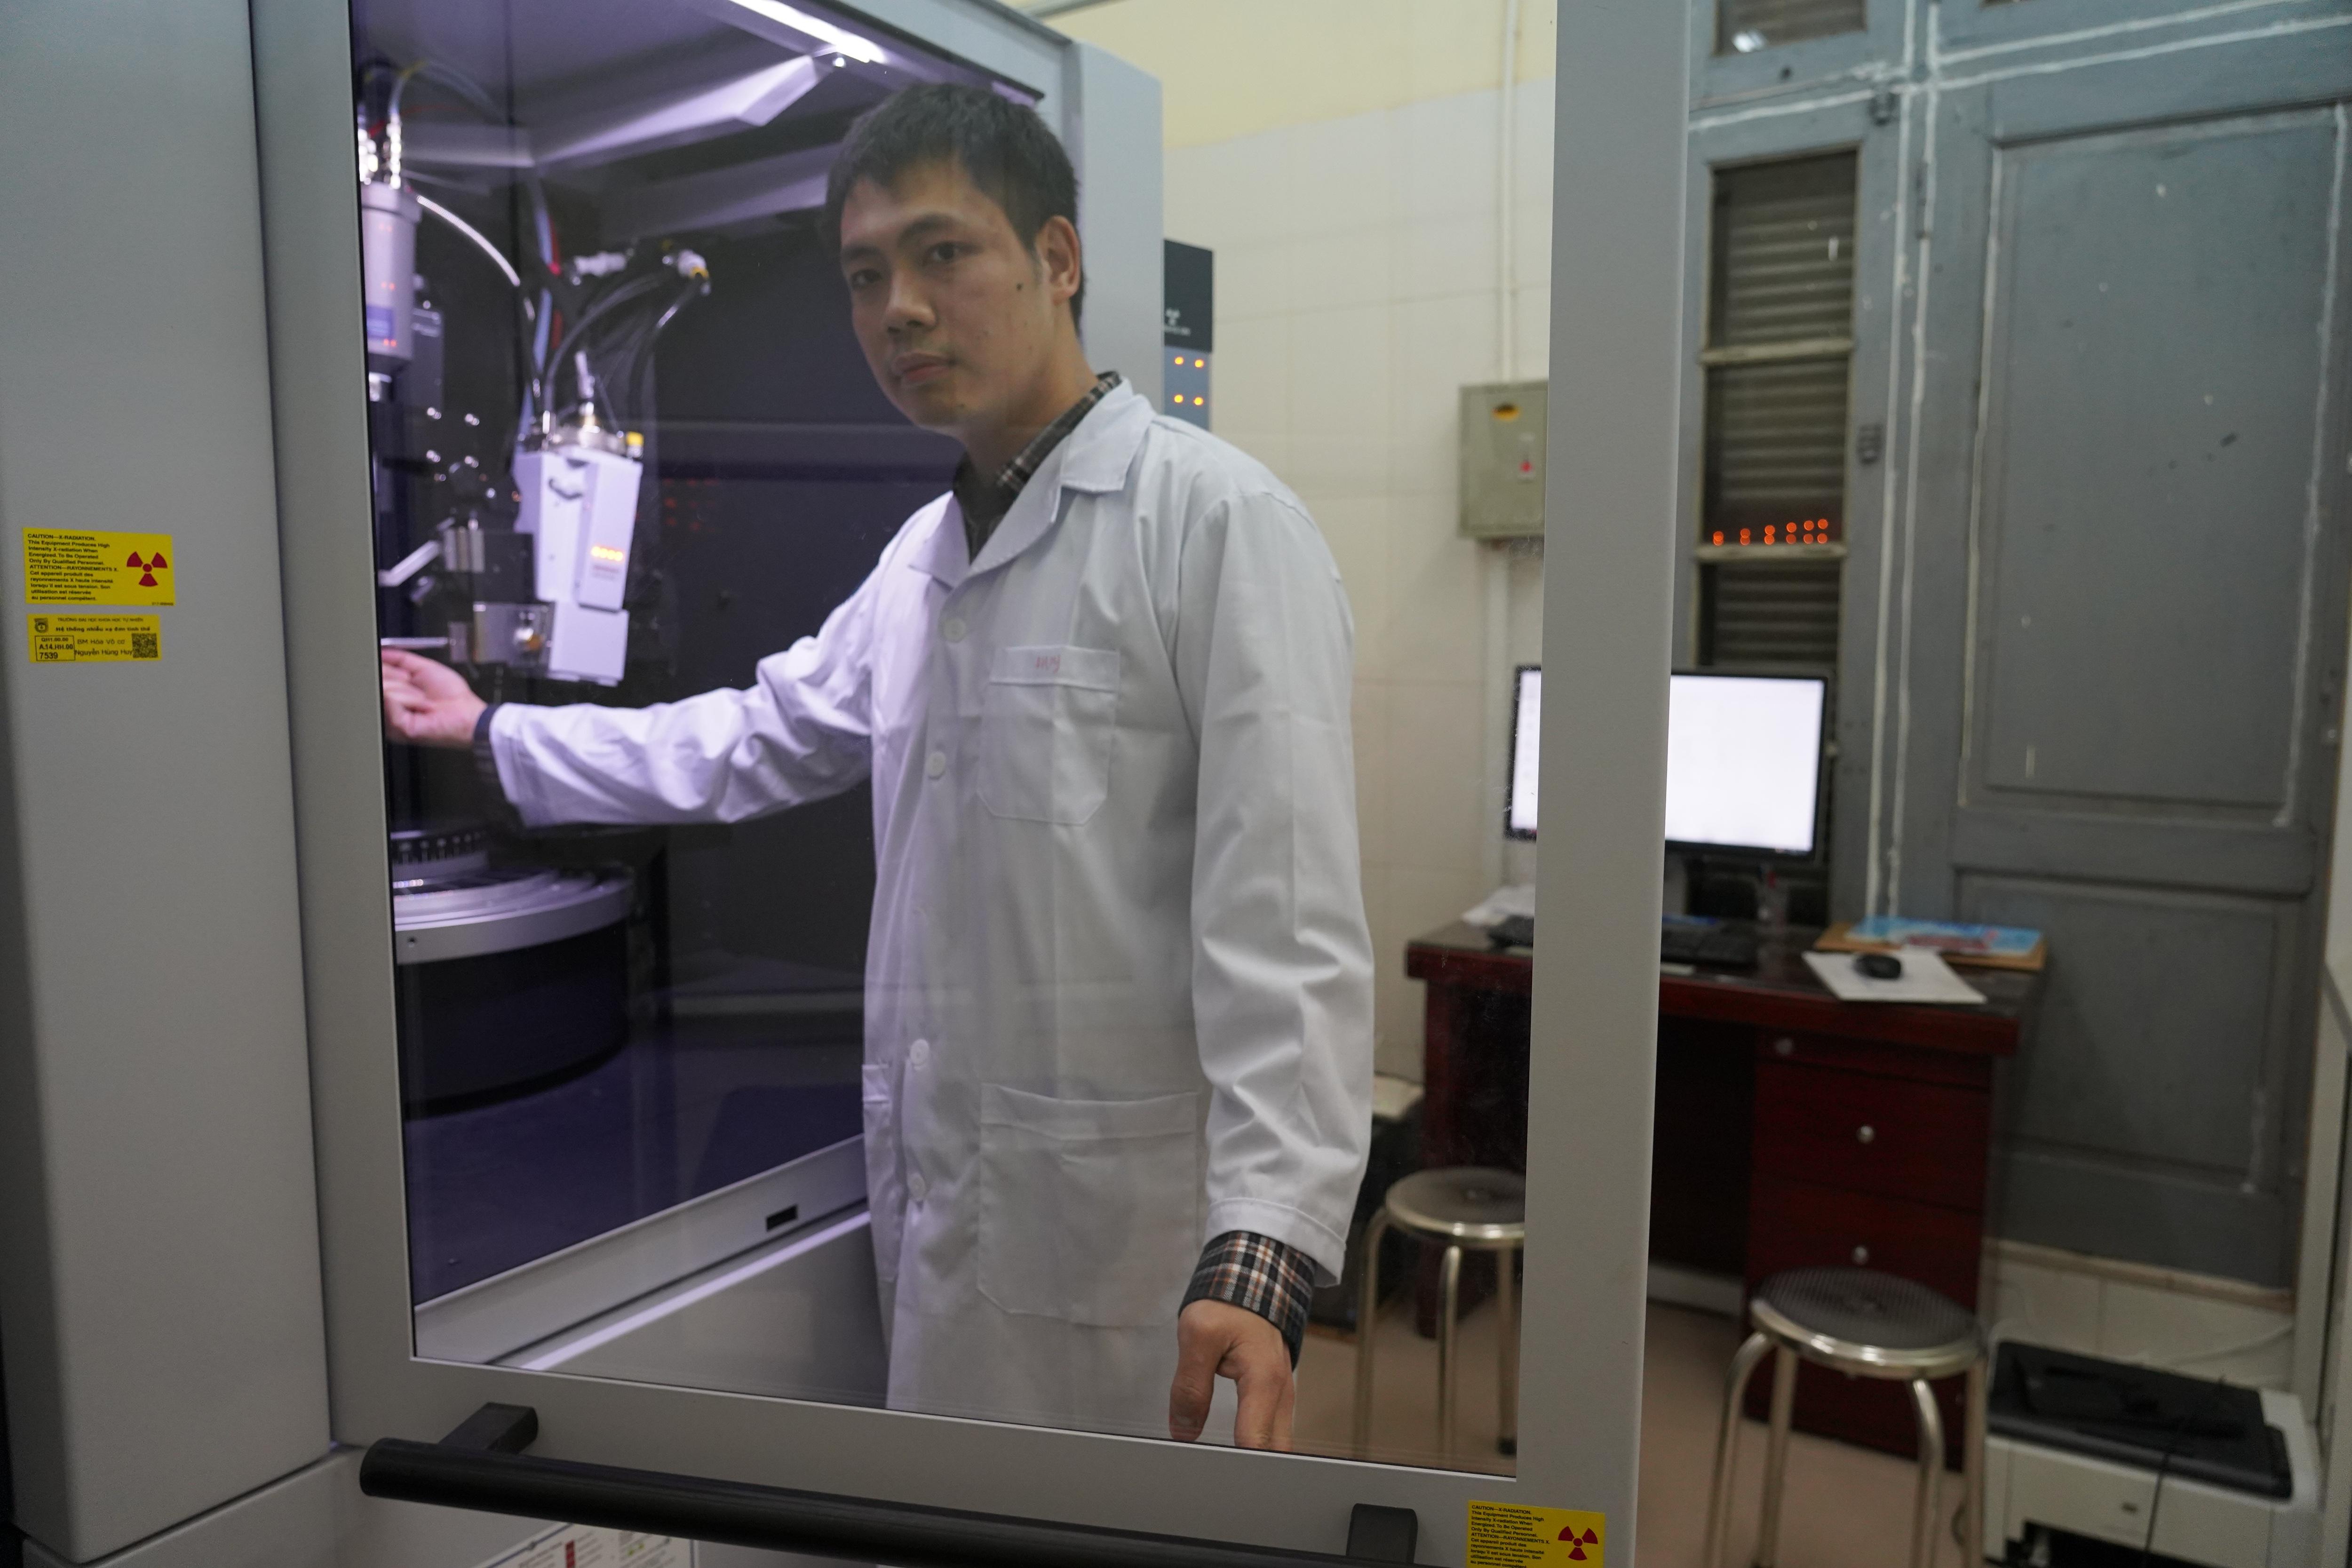 Phó Giáo sư trẻ nhất Việt Nam 33 tuổi: Có đam mê, mọi thứ đều có thể - 3